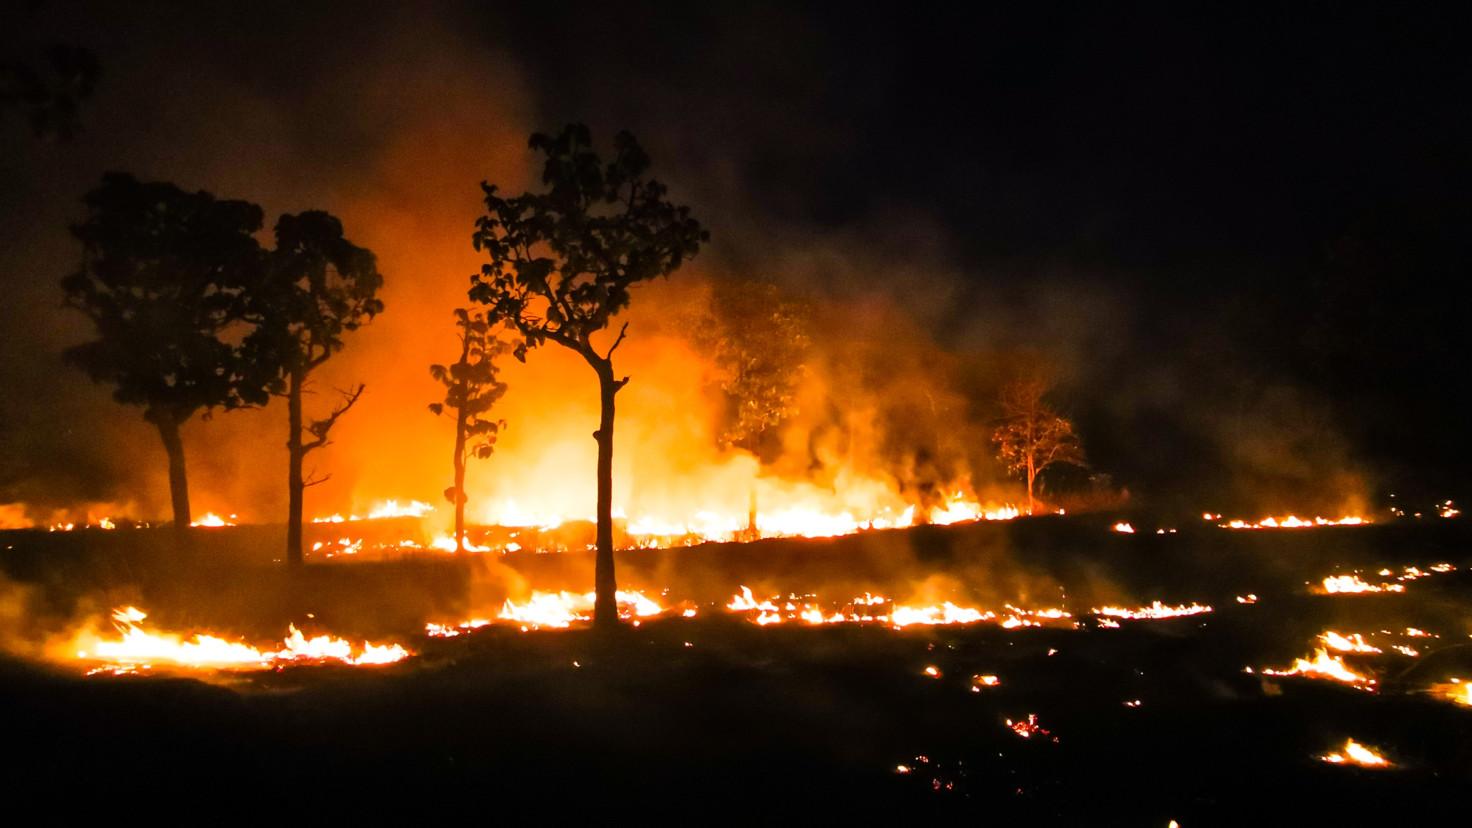 Sigorta sektörünün hasar maliyetleri iklim değişikliği etkileriyle yükseliyor!